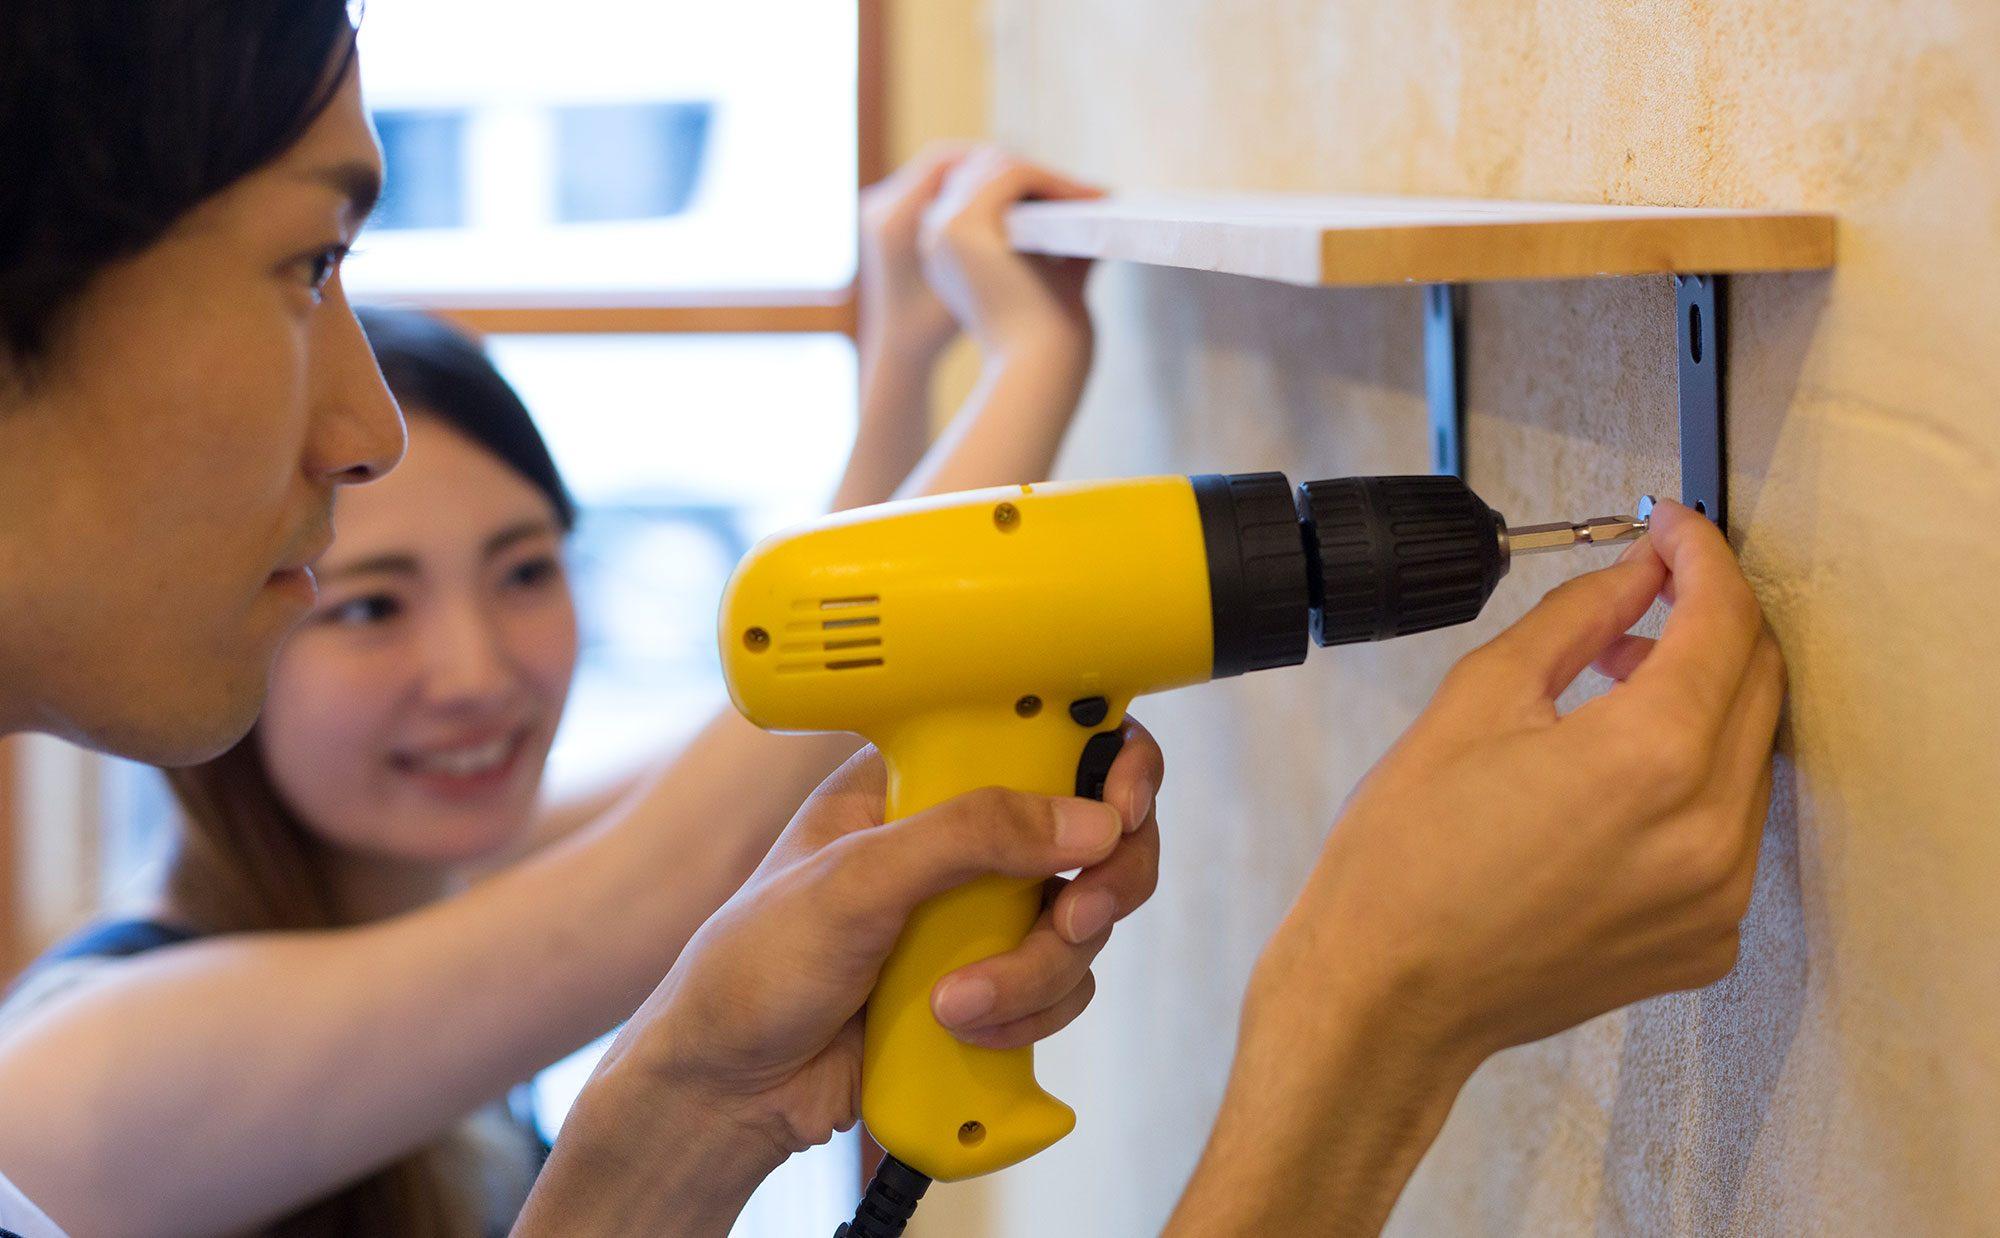 これだけやっても壁にダメージなし! 驚きの賃貸DIYテクニック